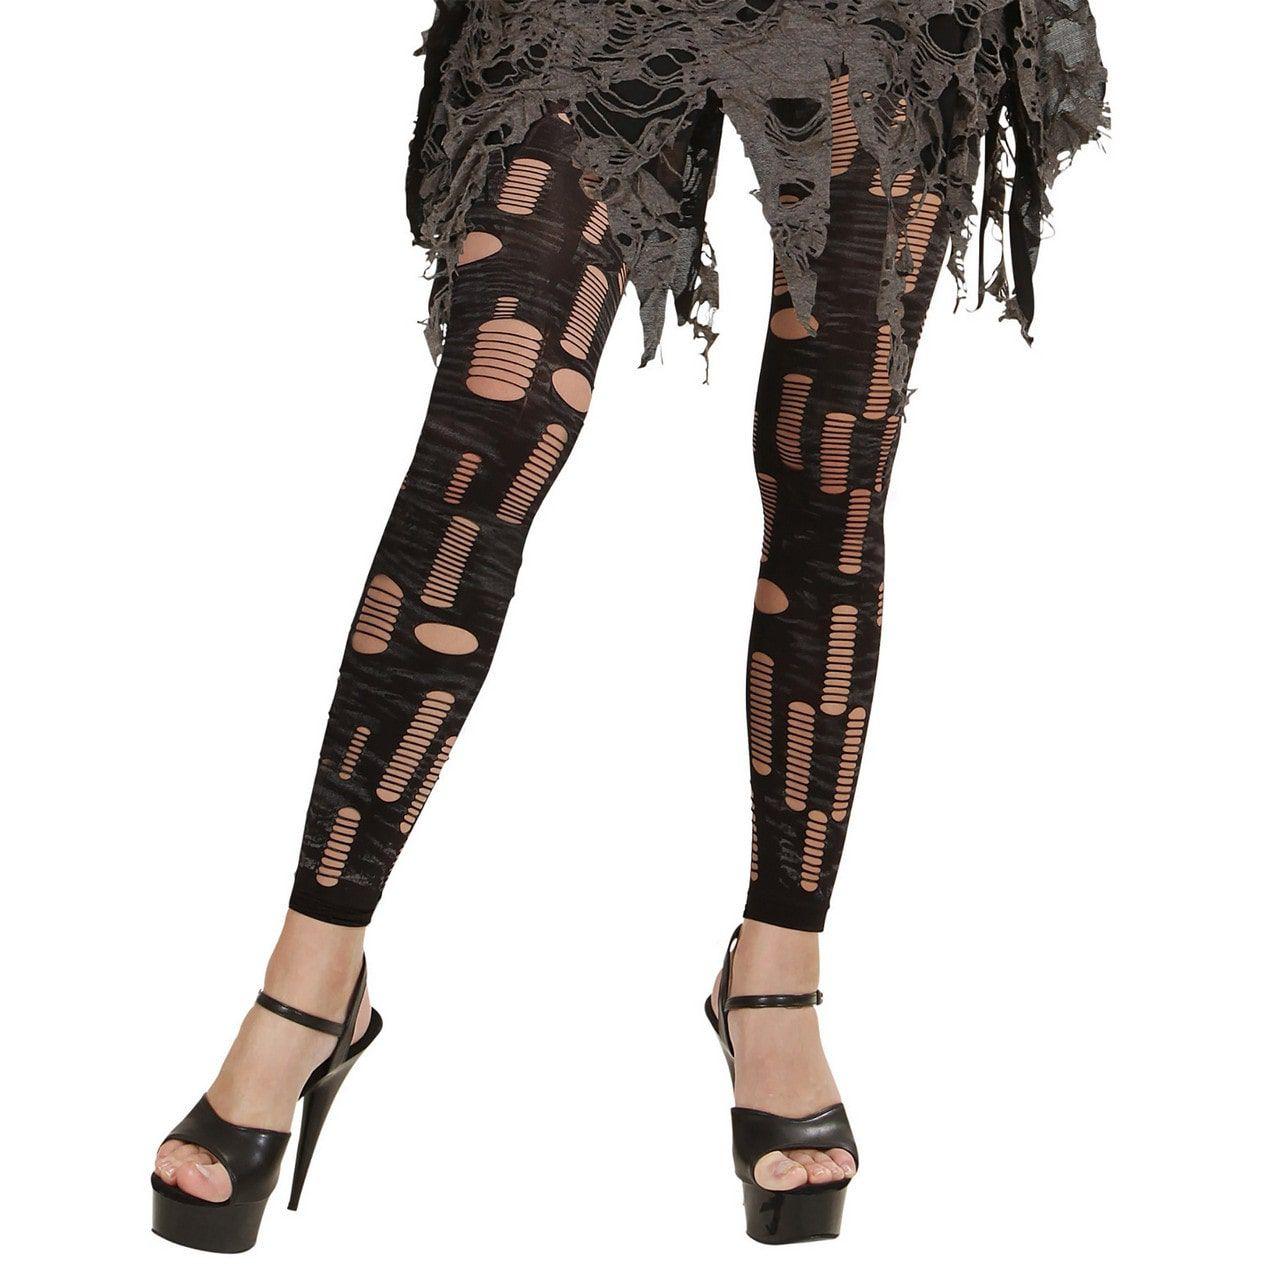 Camille Gescheurde Zombie Legging XL Vrouw